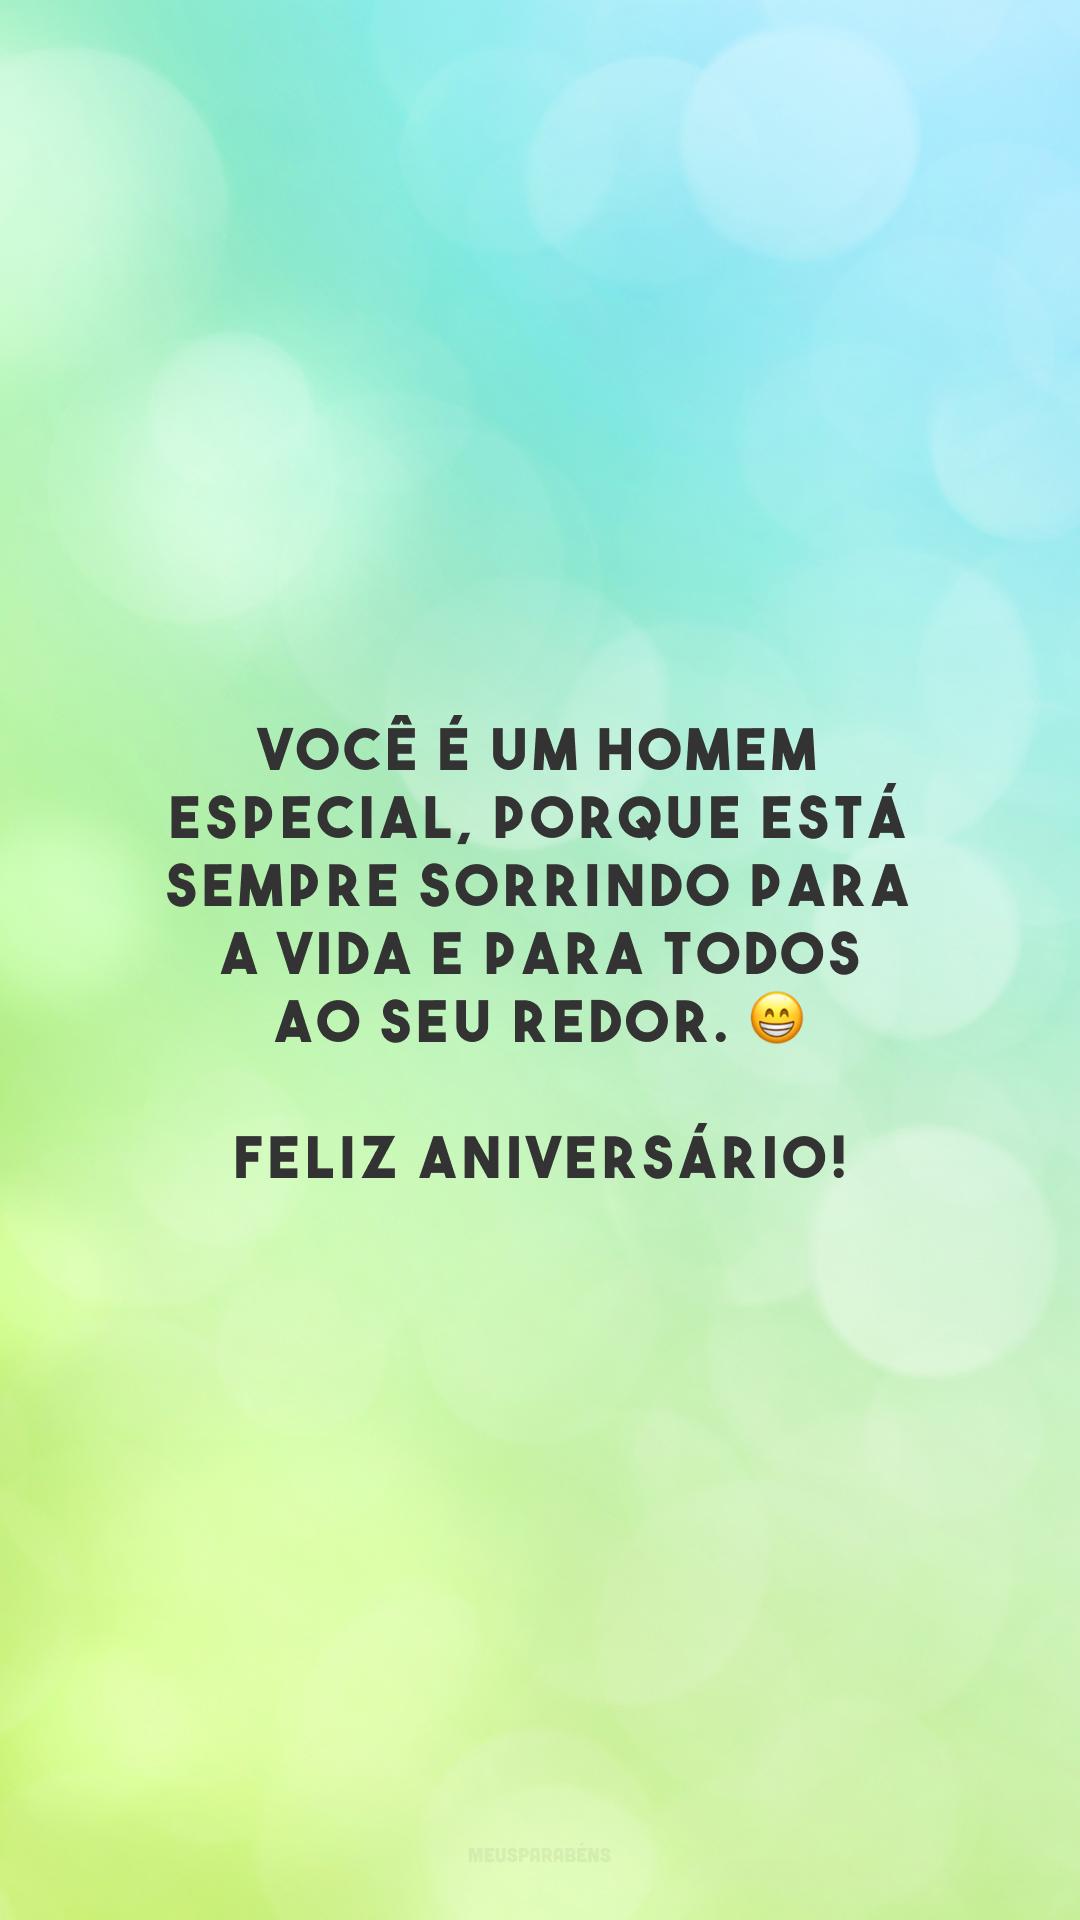 Você é um homem especial, porque está sempre sorrindo para a vida e para todos ao seu redor. 😁 Feliz aniversário!